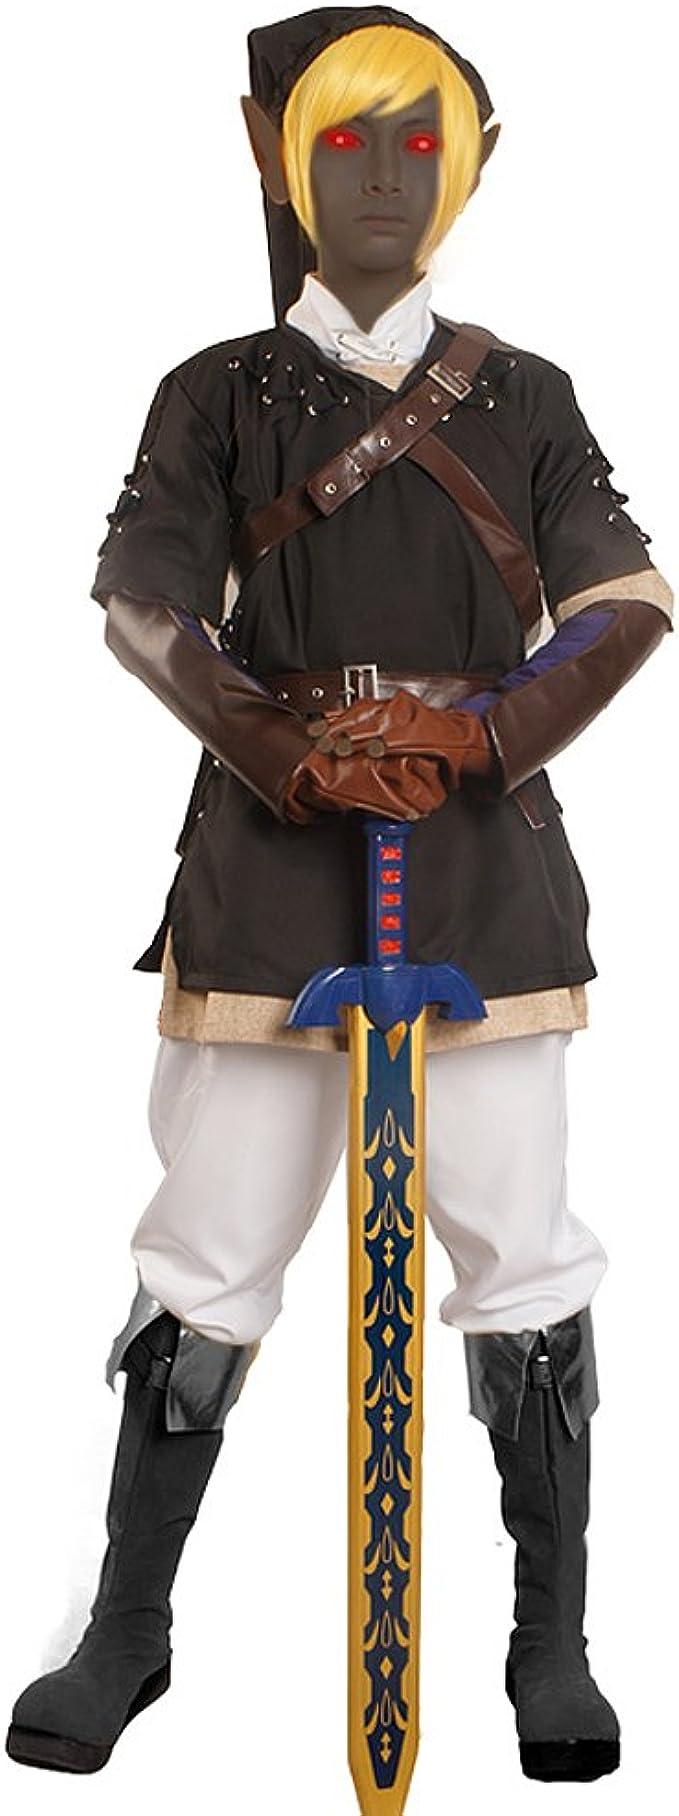 miccostumes Hombre The Legend of Zelda Link de Cosplay disfraz ...